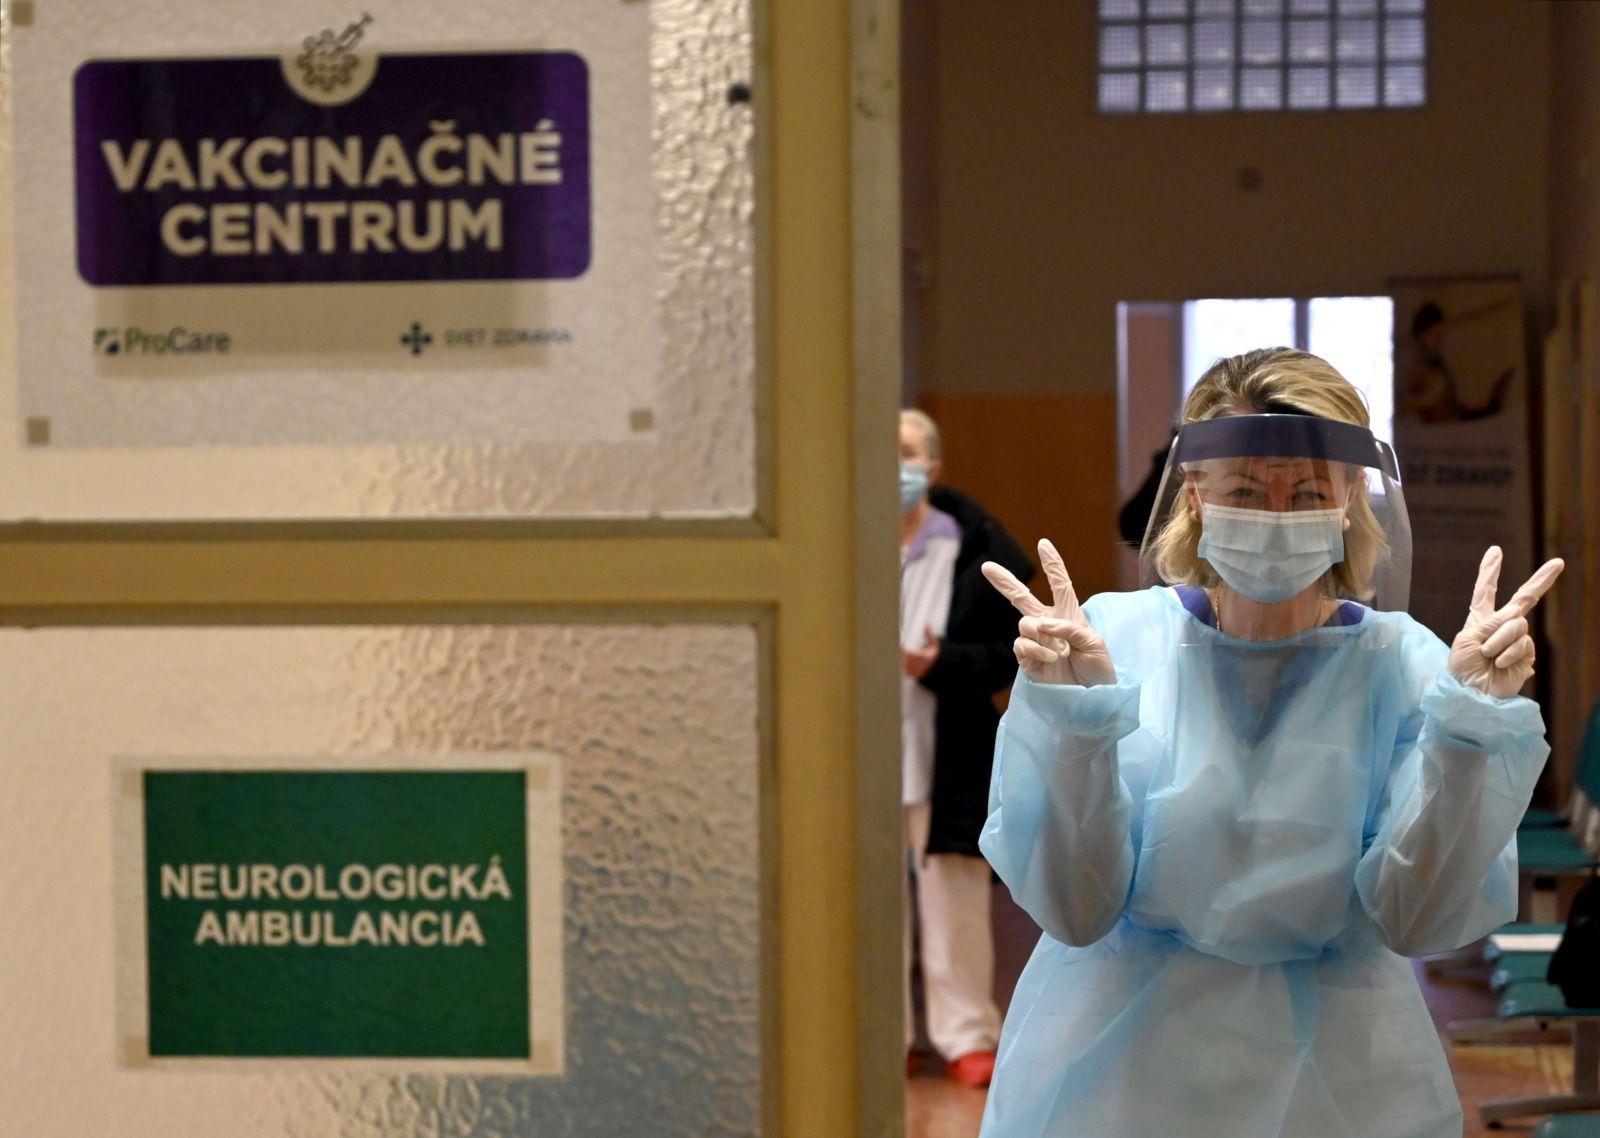 V roku 2021 môžeme zabudnúť na kolektívnu imunitu proti Covid-19, varuje WHO. Rúška tak skoro neodložíme